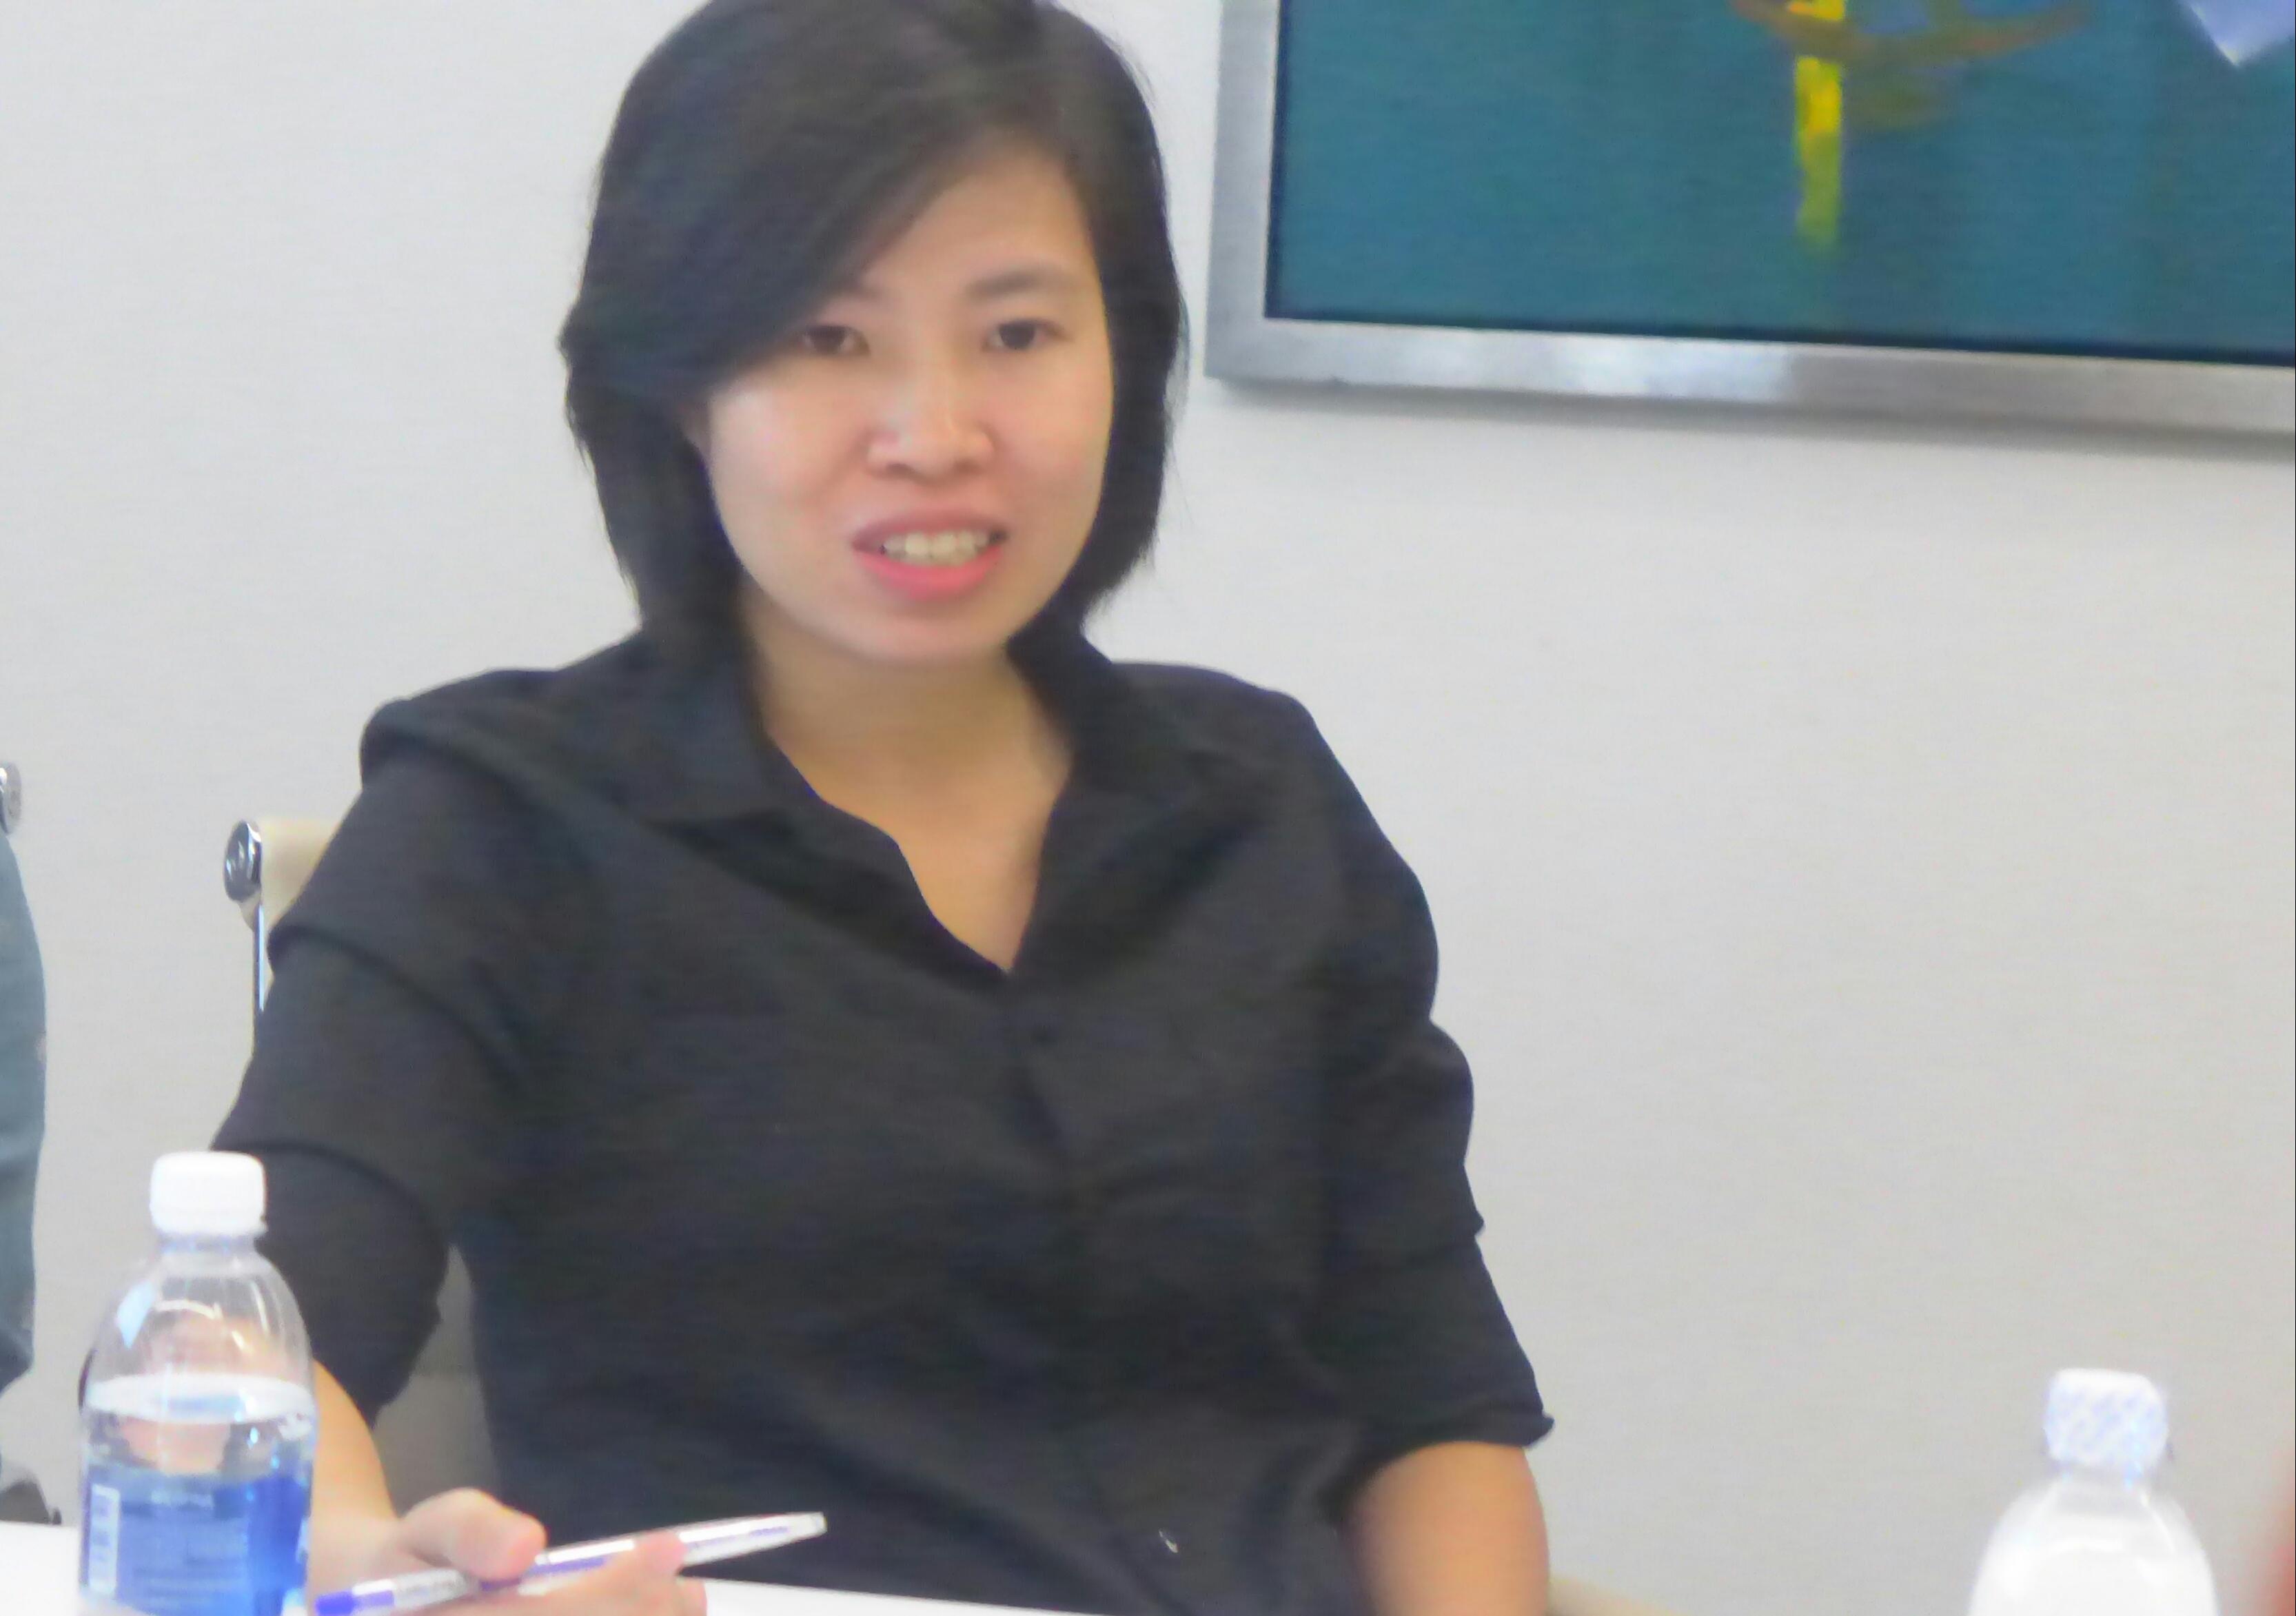 Cần làm gì phát triển nhanh thương mại điện tử tại Việt Nam? 1